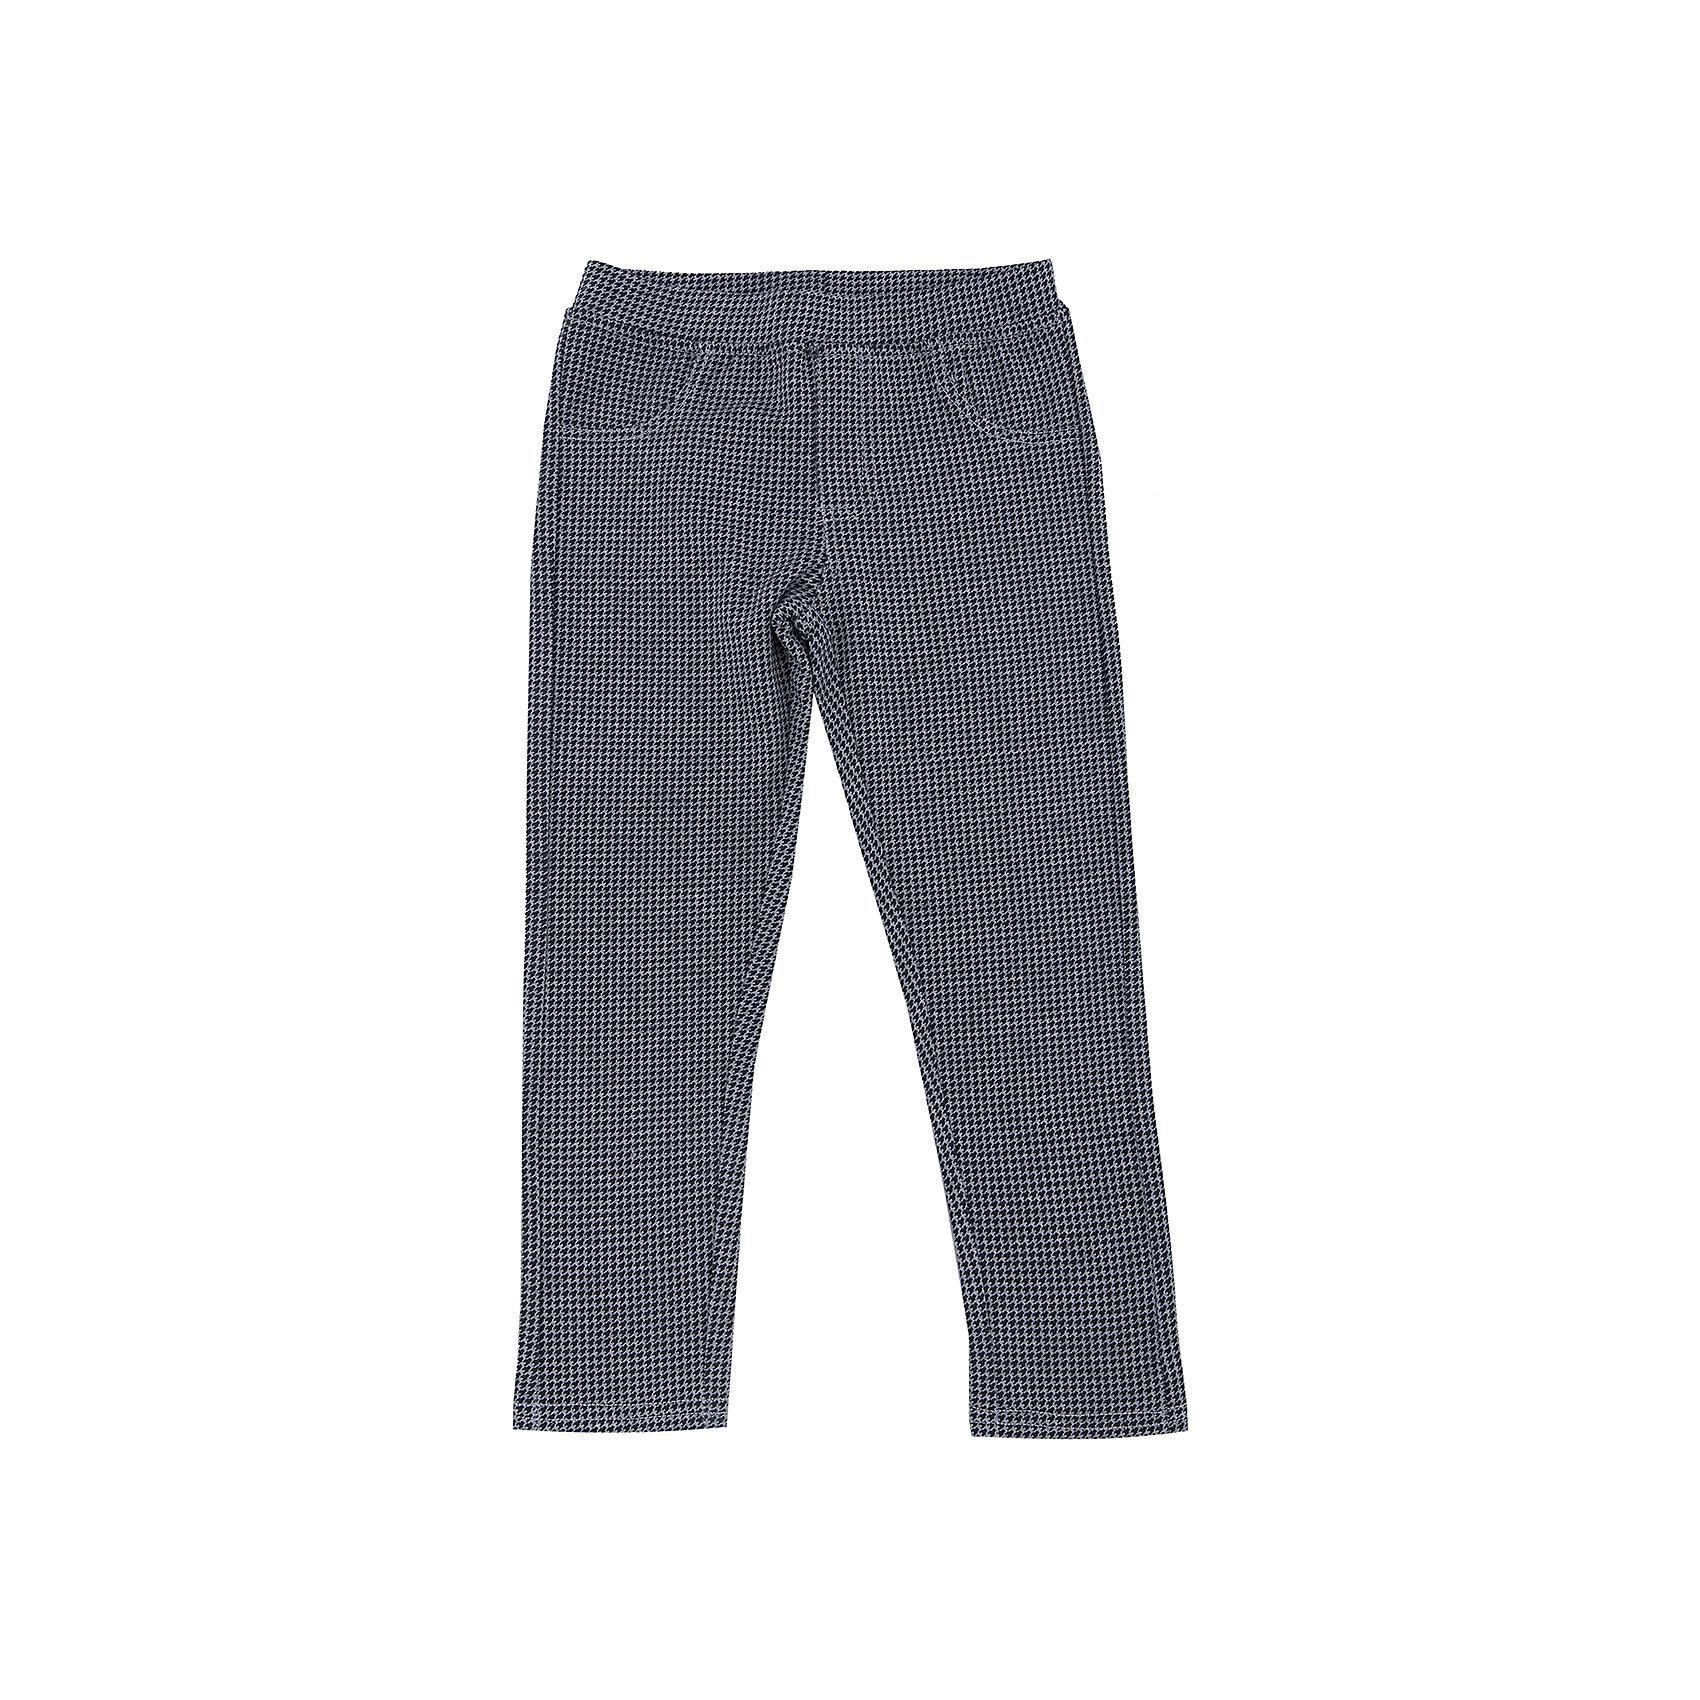 Брюки для девочки SELAКлассические брюки - незаменимая вещь в детском гардеробе. Эта модель отлично сидит на ребенке, она сшита из плотного материала, натуральный хлопок не вызывает аллергии и обеспечивает ребенку комфорт. Модель станет отличной базовой вещью, которая будет уместна в различных сочетаниях.<br>Одежда от бренда Sela (Села) - это качество по приемлемым ценам. Многие российские родители уже оценили преимущества продукции этой компании и всё чаще приобретают одежду и аксессуары Sela.<br><br>Дополнительная информация:<br><br>цвет: серый;<br>материал: 60% хлопок, 35% ПЭ, 5% эластан;<br>плотный материал.<br><br>Брюки для девочки от бренда Sela можно купить в нашем интернет-магазине.<br><br>Ширина мм: 215<br>Глубина мм: 88<br>Высота мм: 191<br>Вес г: 336<br>Цвет: серый<br>Возраст от месяцев: 18<br>Возраст до месяцев: 24<br>Пол: Женский<br>Возраст: Детский<br>Размер: 92,116,98,104,110<br>SKU: 4944038